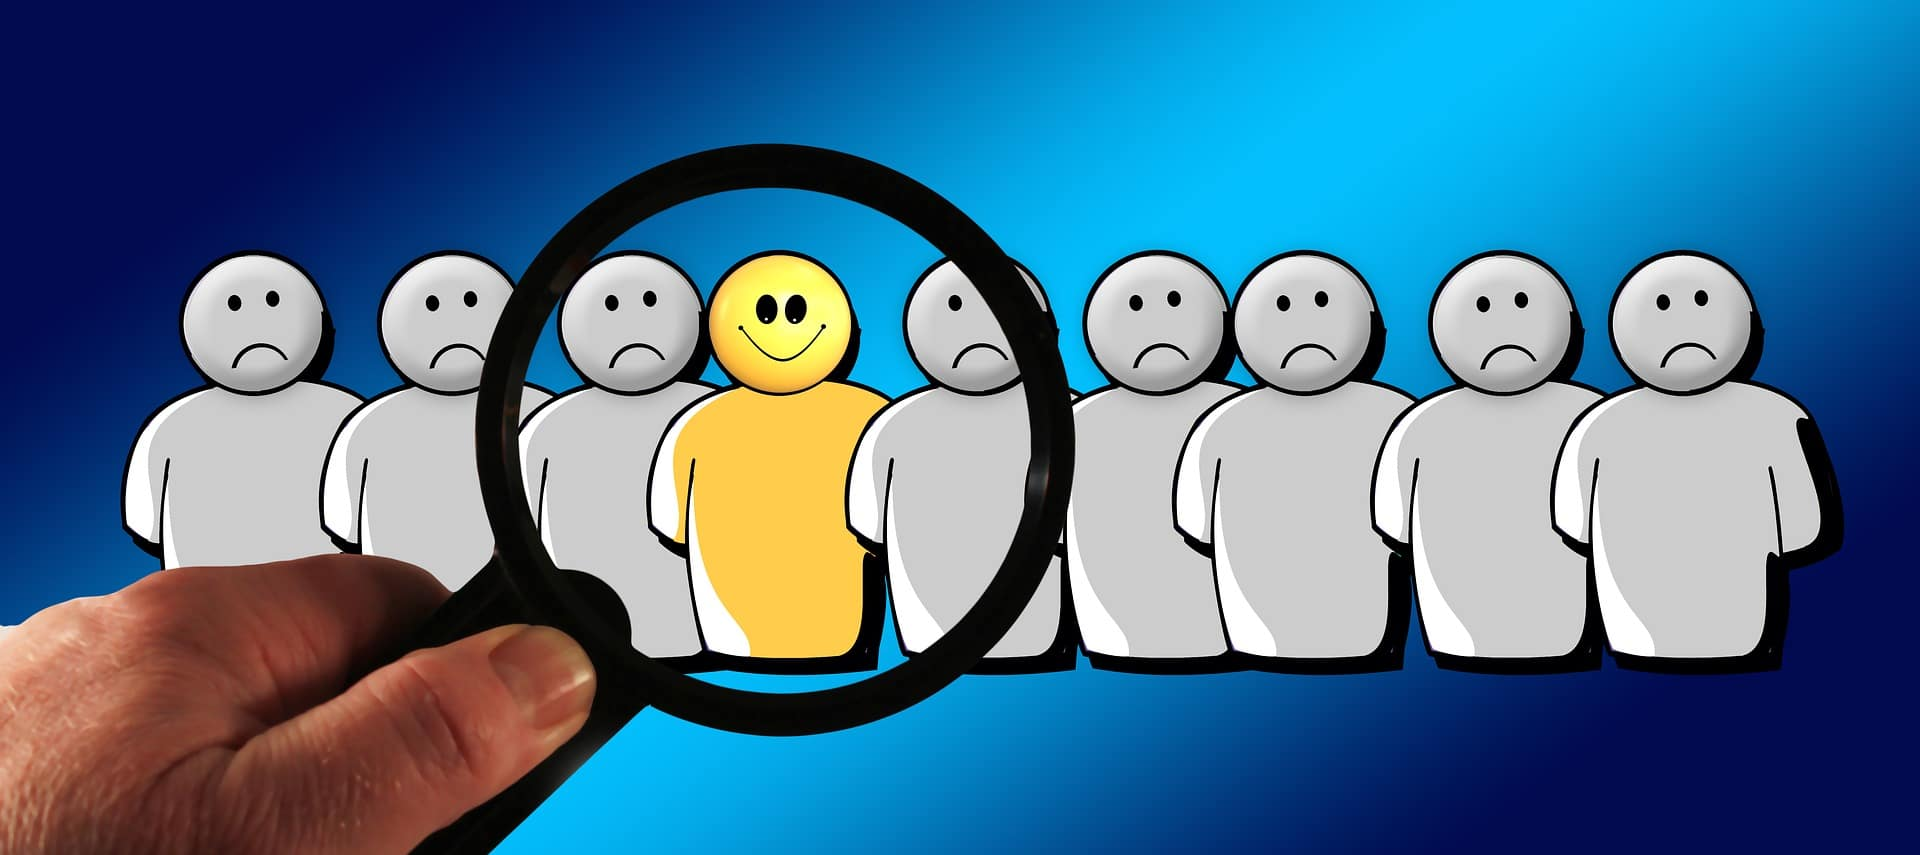 8 CLES POUR OBTENIR UN AVANTAGE DECISIF SUR VOS CONCURRENTS